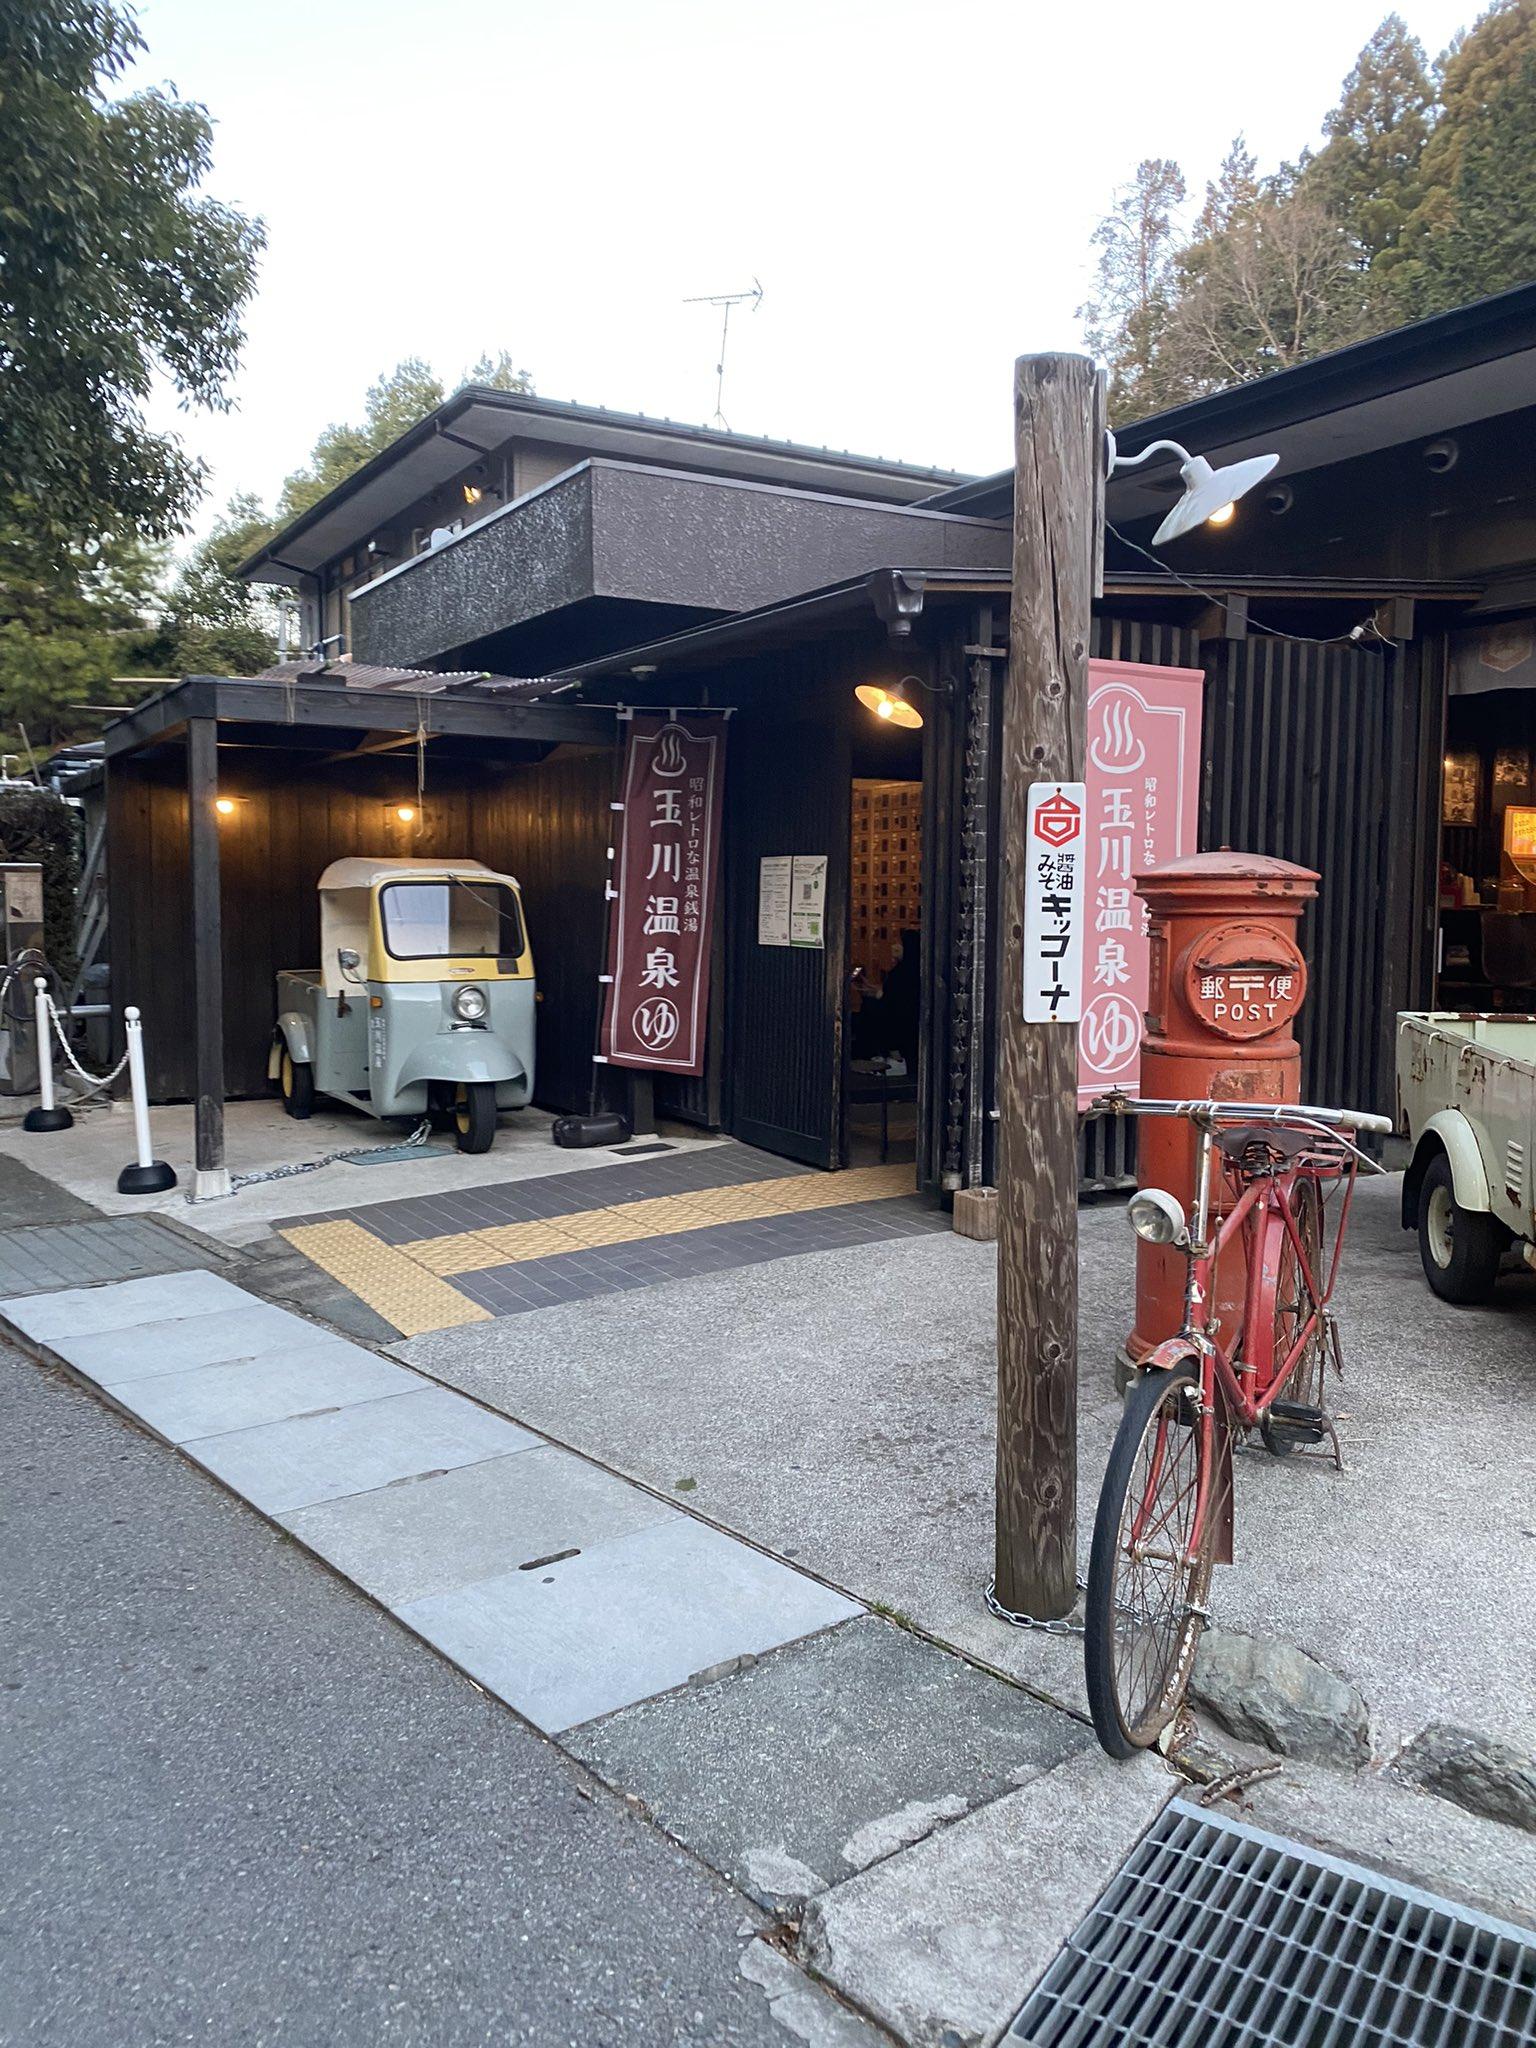 販売店追加>昭和レトロな温泉銭湯 玉川温泉で空家スイーツを販売しています。